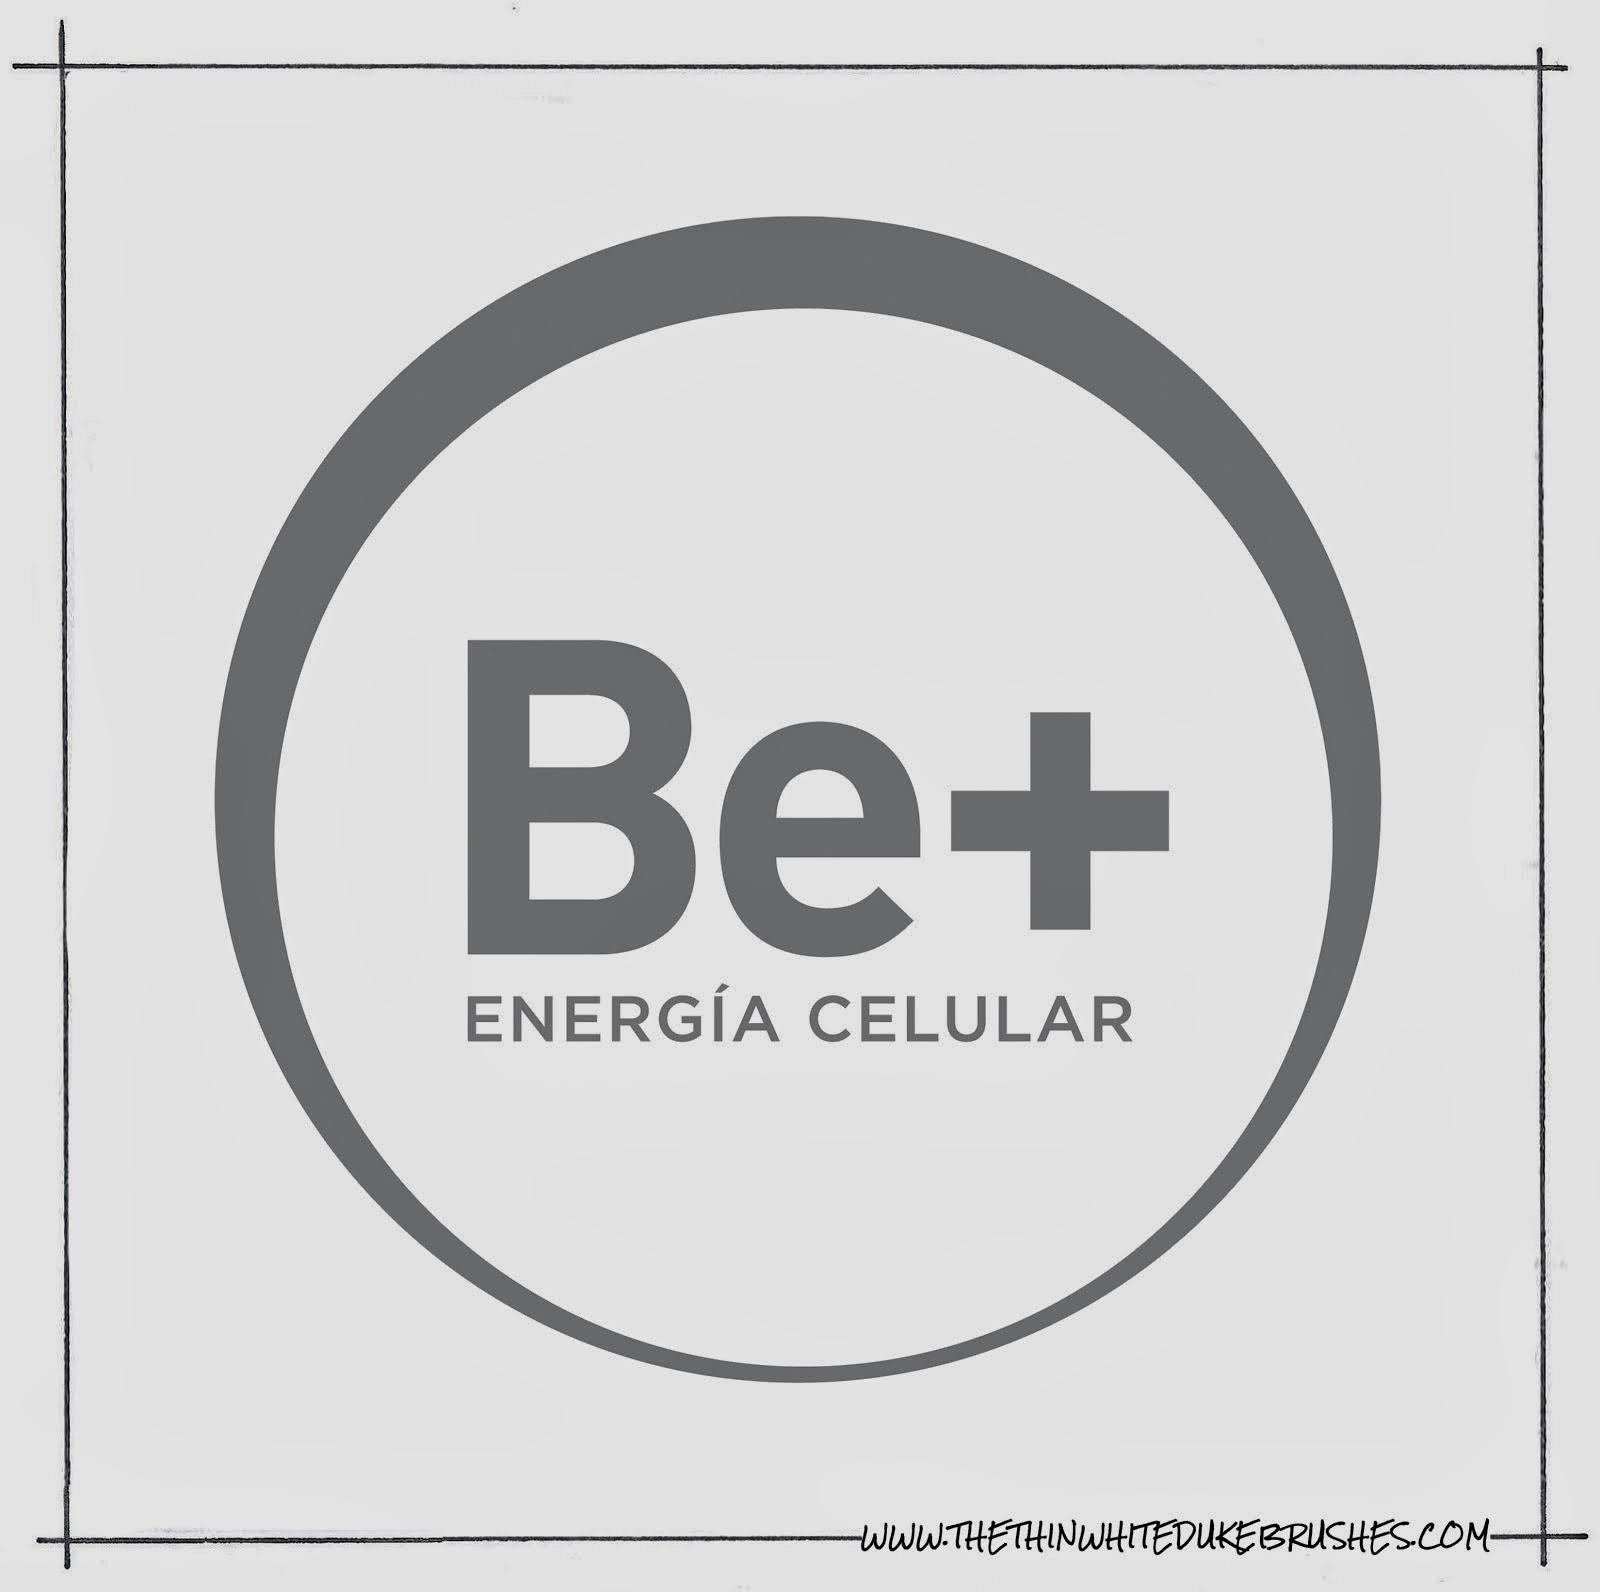 BE+ COSMÉTICA CELULAR